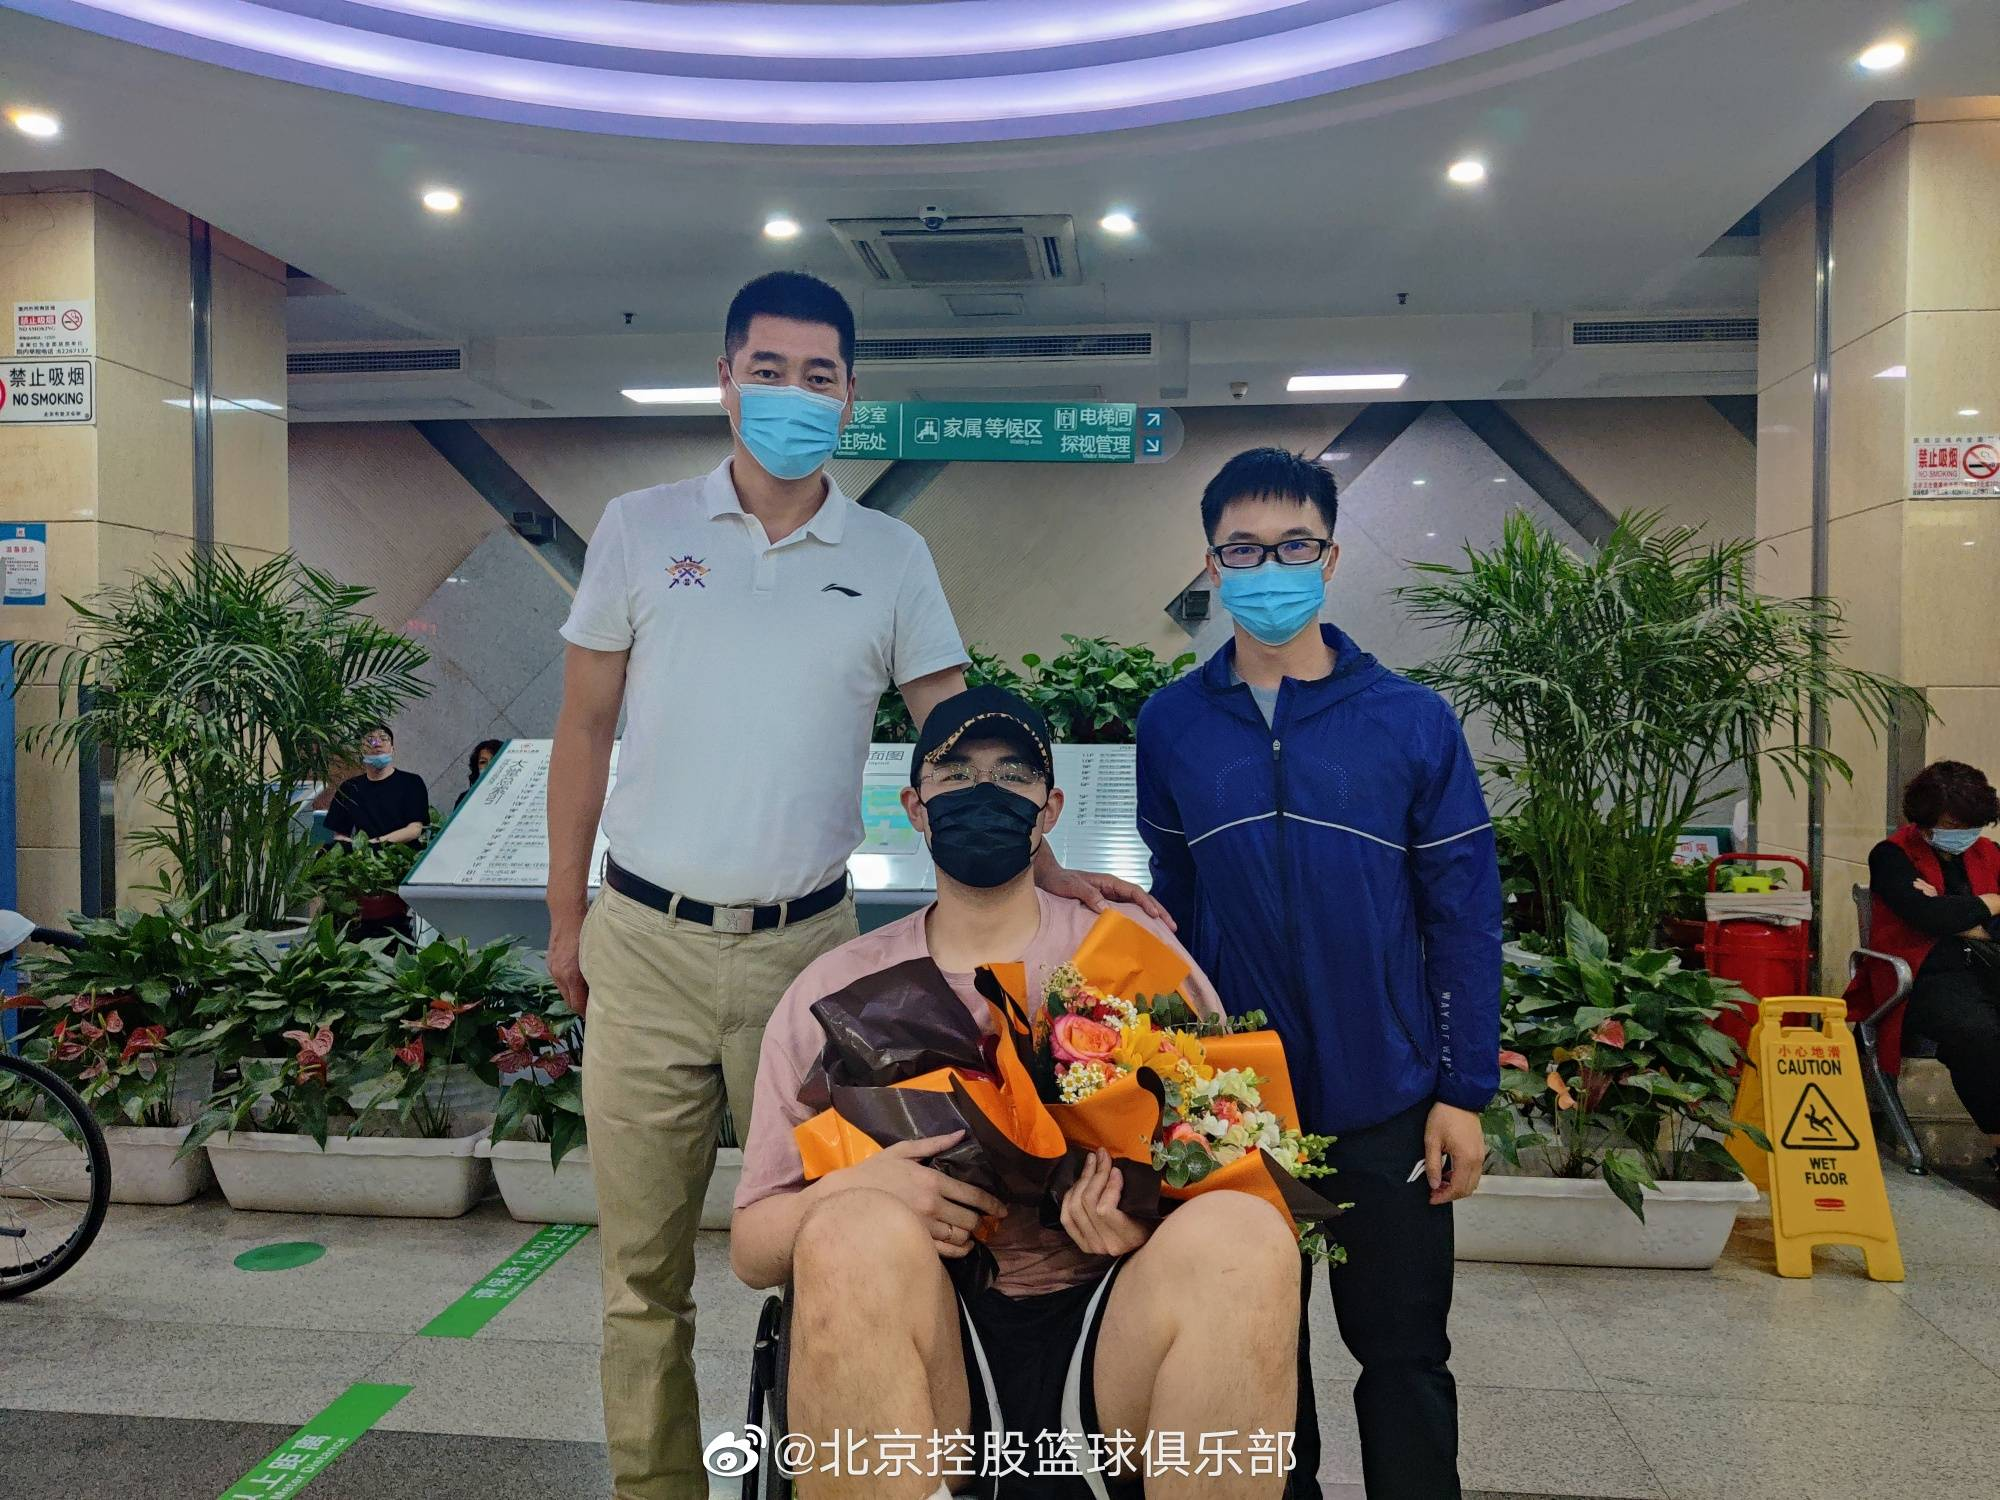 北控:孙桐林赛季中脚踝骨折仍带伤作战 已完成手术盼早日回归